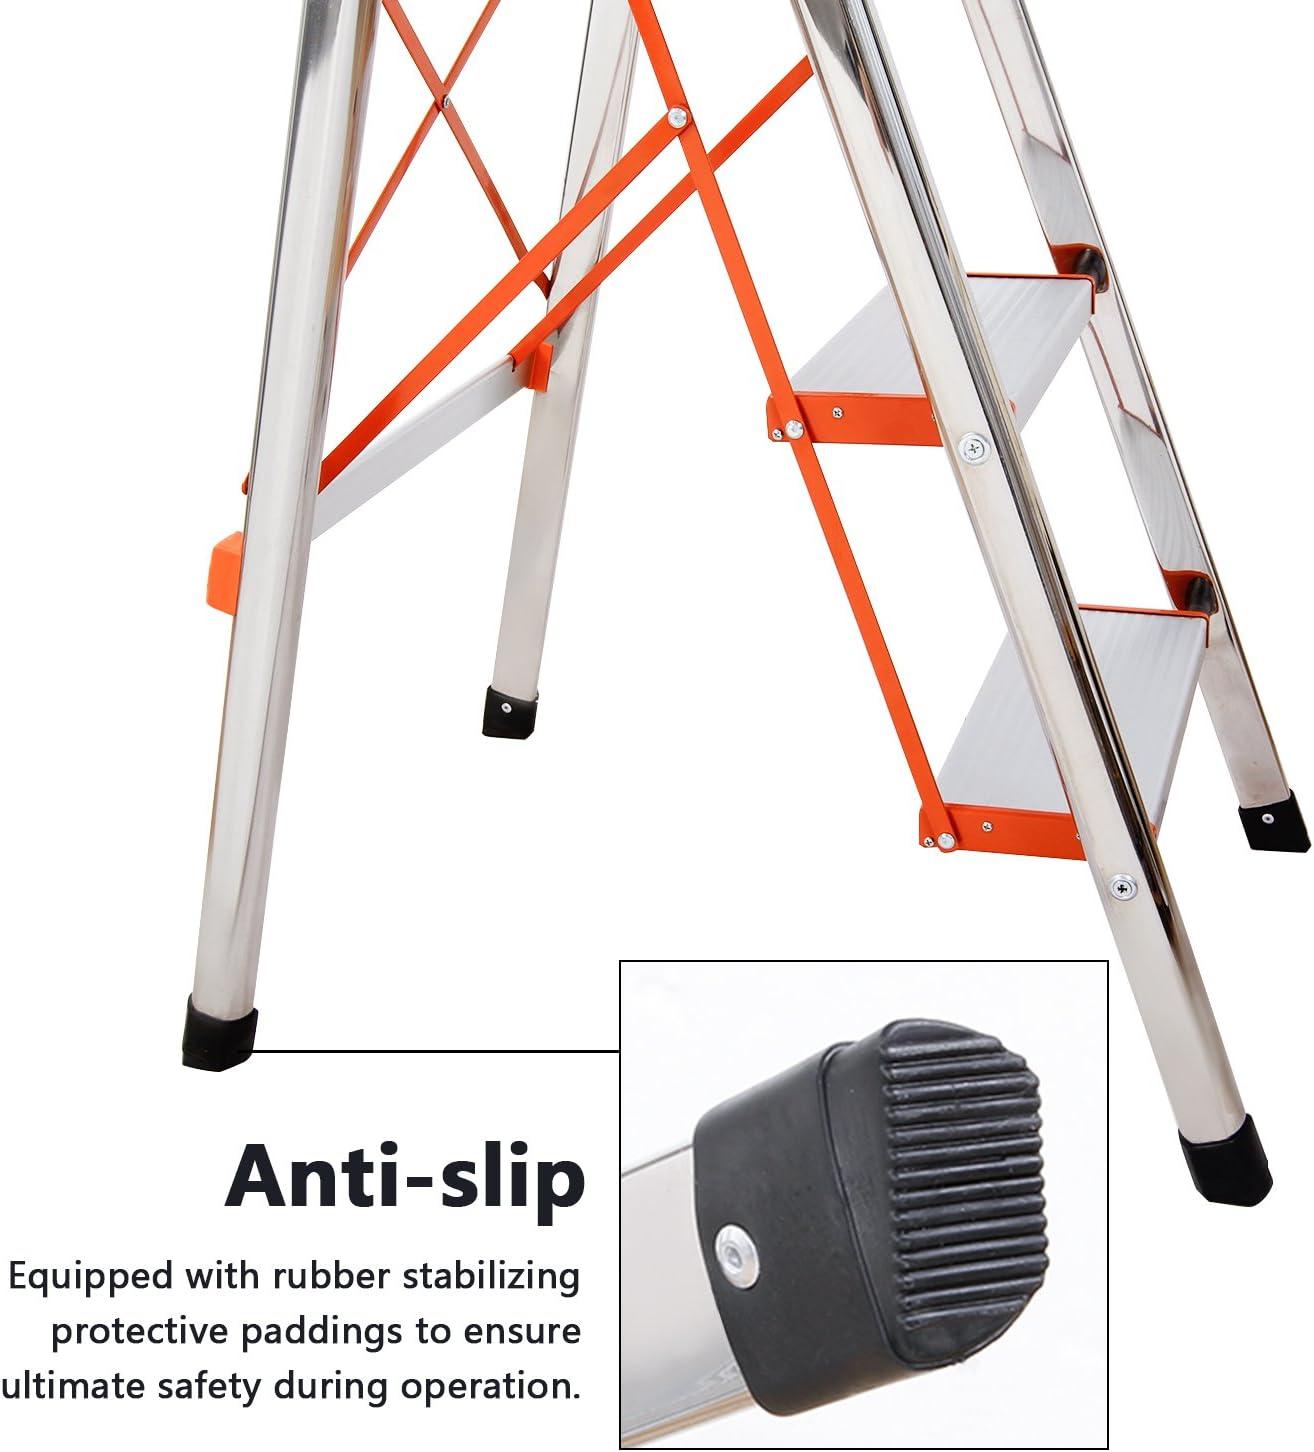 WolfWise Escaleras Plegables Aluminio de 4 Peldaños Portátil Antideslizante con Empuñadura de Goma Capacidad de 330 libras, Escaleras de Plata para el Hogar: Amazon.es: Bricolaje y herramientas